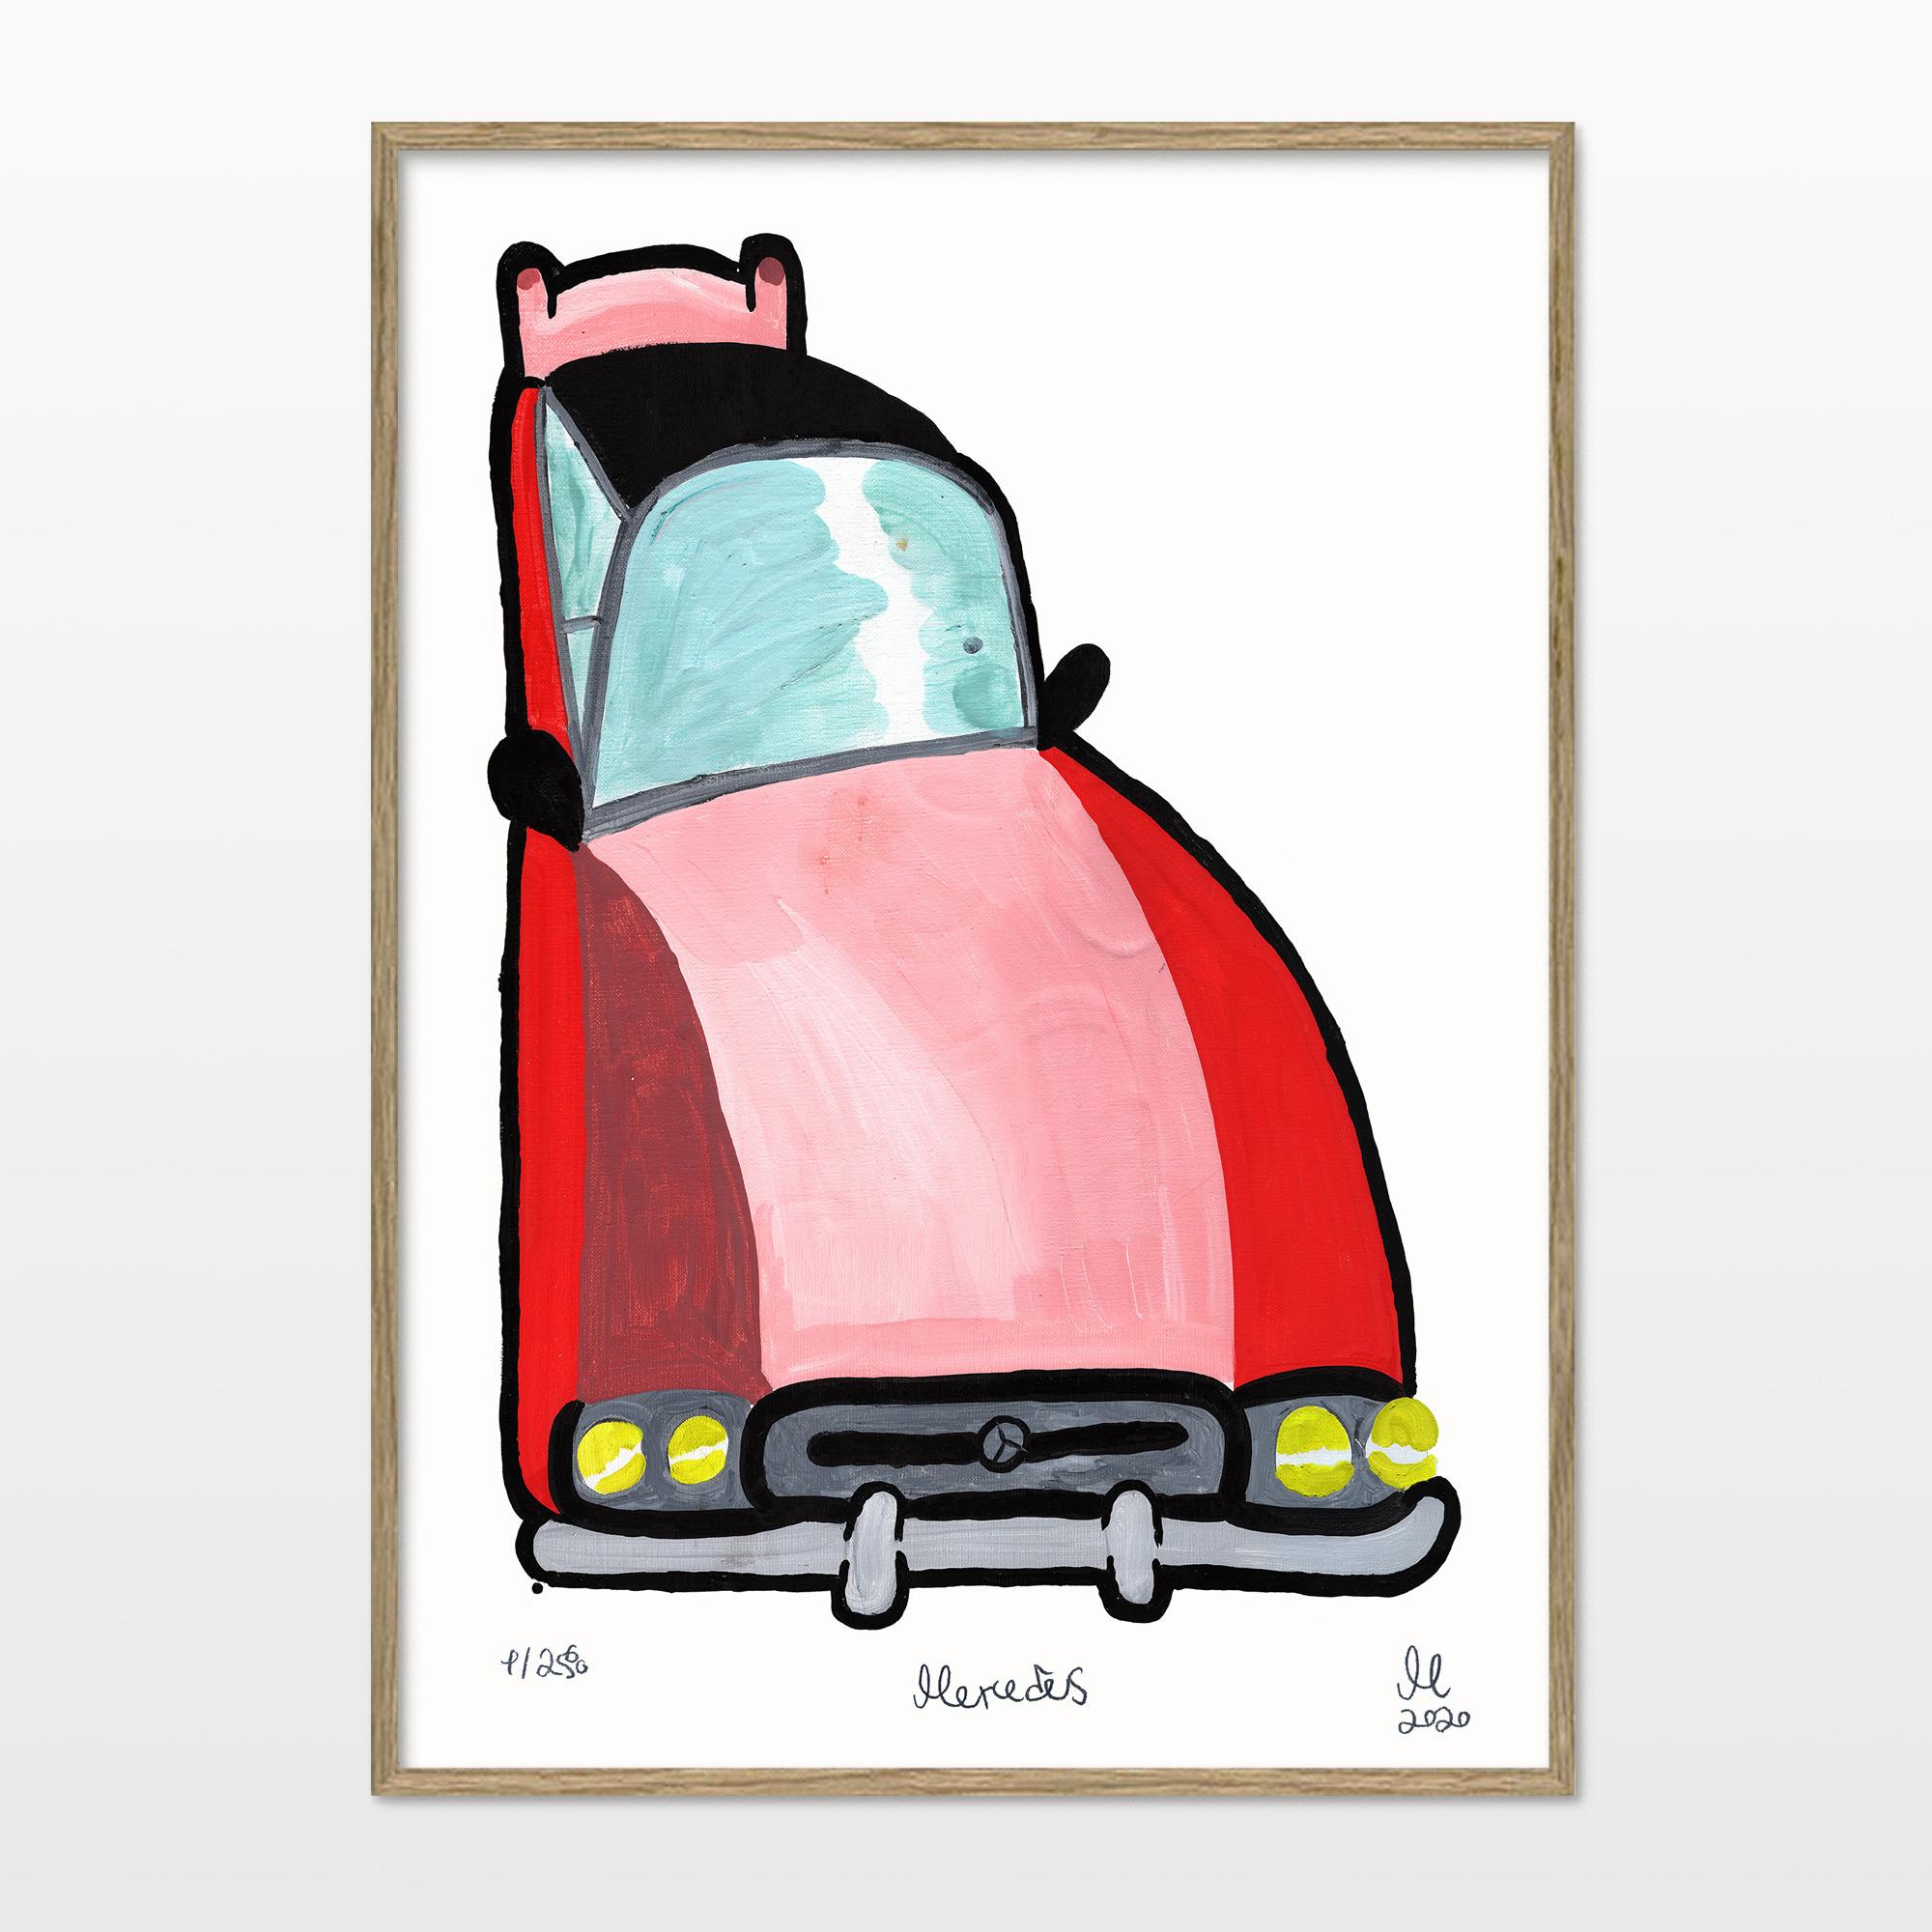 plakater-posters-kunsttryk, giclee-tryk, børnevenlige, figurative, illustrative, tegneserier, bevægelse, teknologi, transportmidler, pink, røde, turkise, blæk, biler, samtidskunst, dansk, dekorative, design, interiør, bolig-indretning, moderne, moderne-kunst, nordisk, pop-art, plakater, skandinavisk, Køb original kunst og kunstplakater. Malerier, tegninger, limited edition kunsttryk & plakater af dygtige kunstnere.